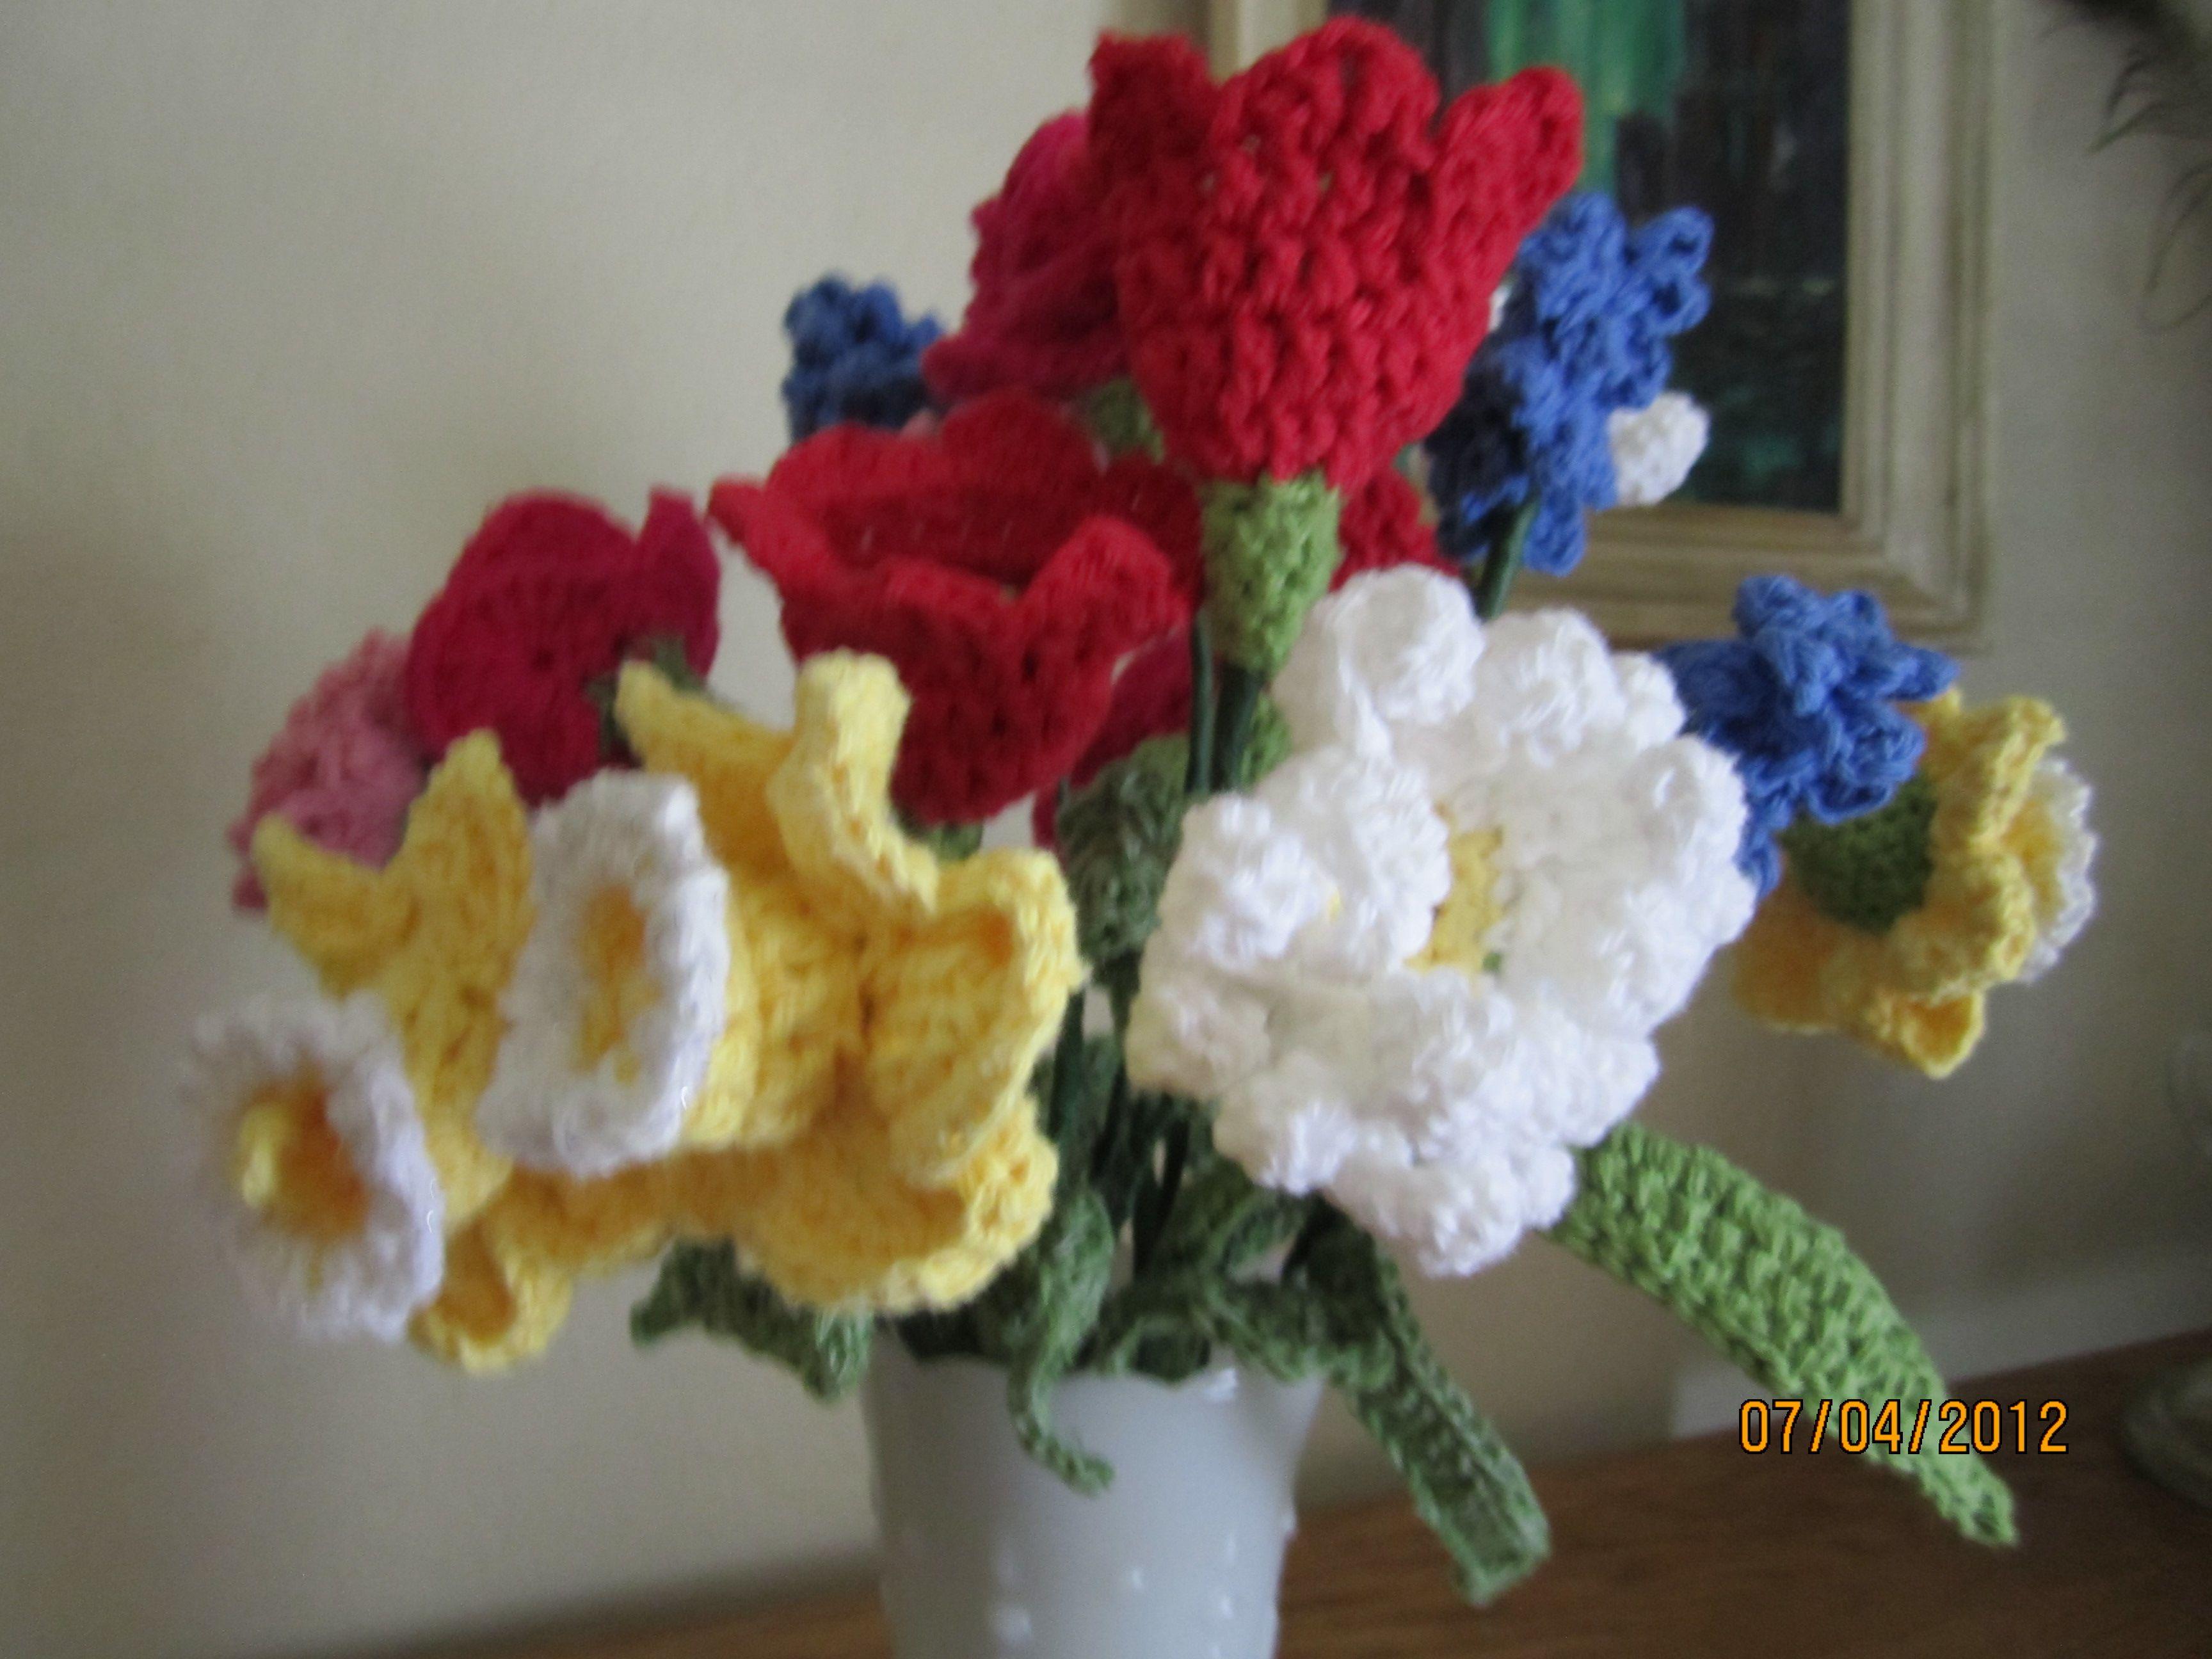 Flower Bouquet that will never wilt